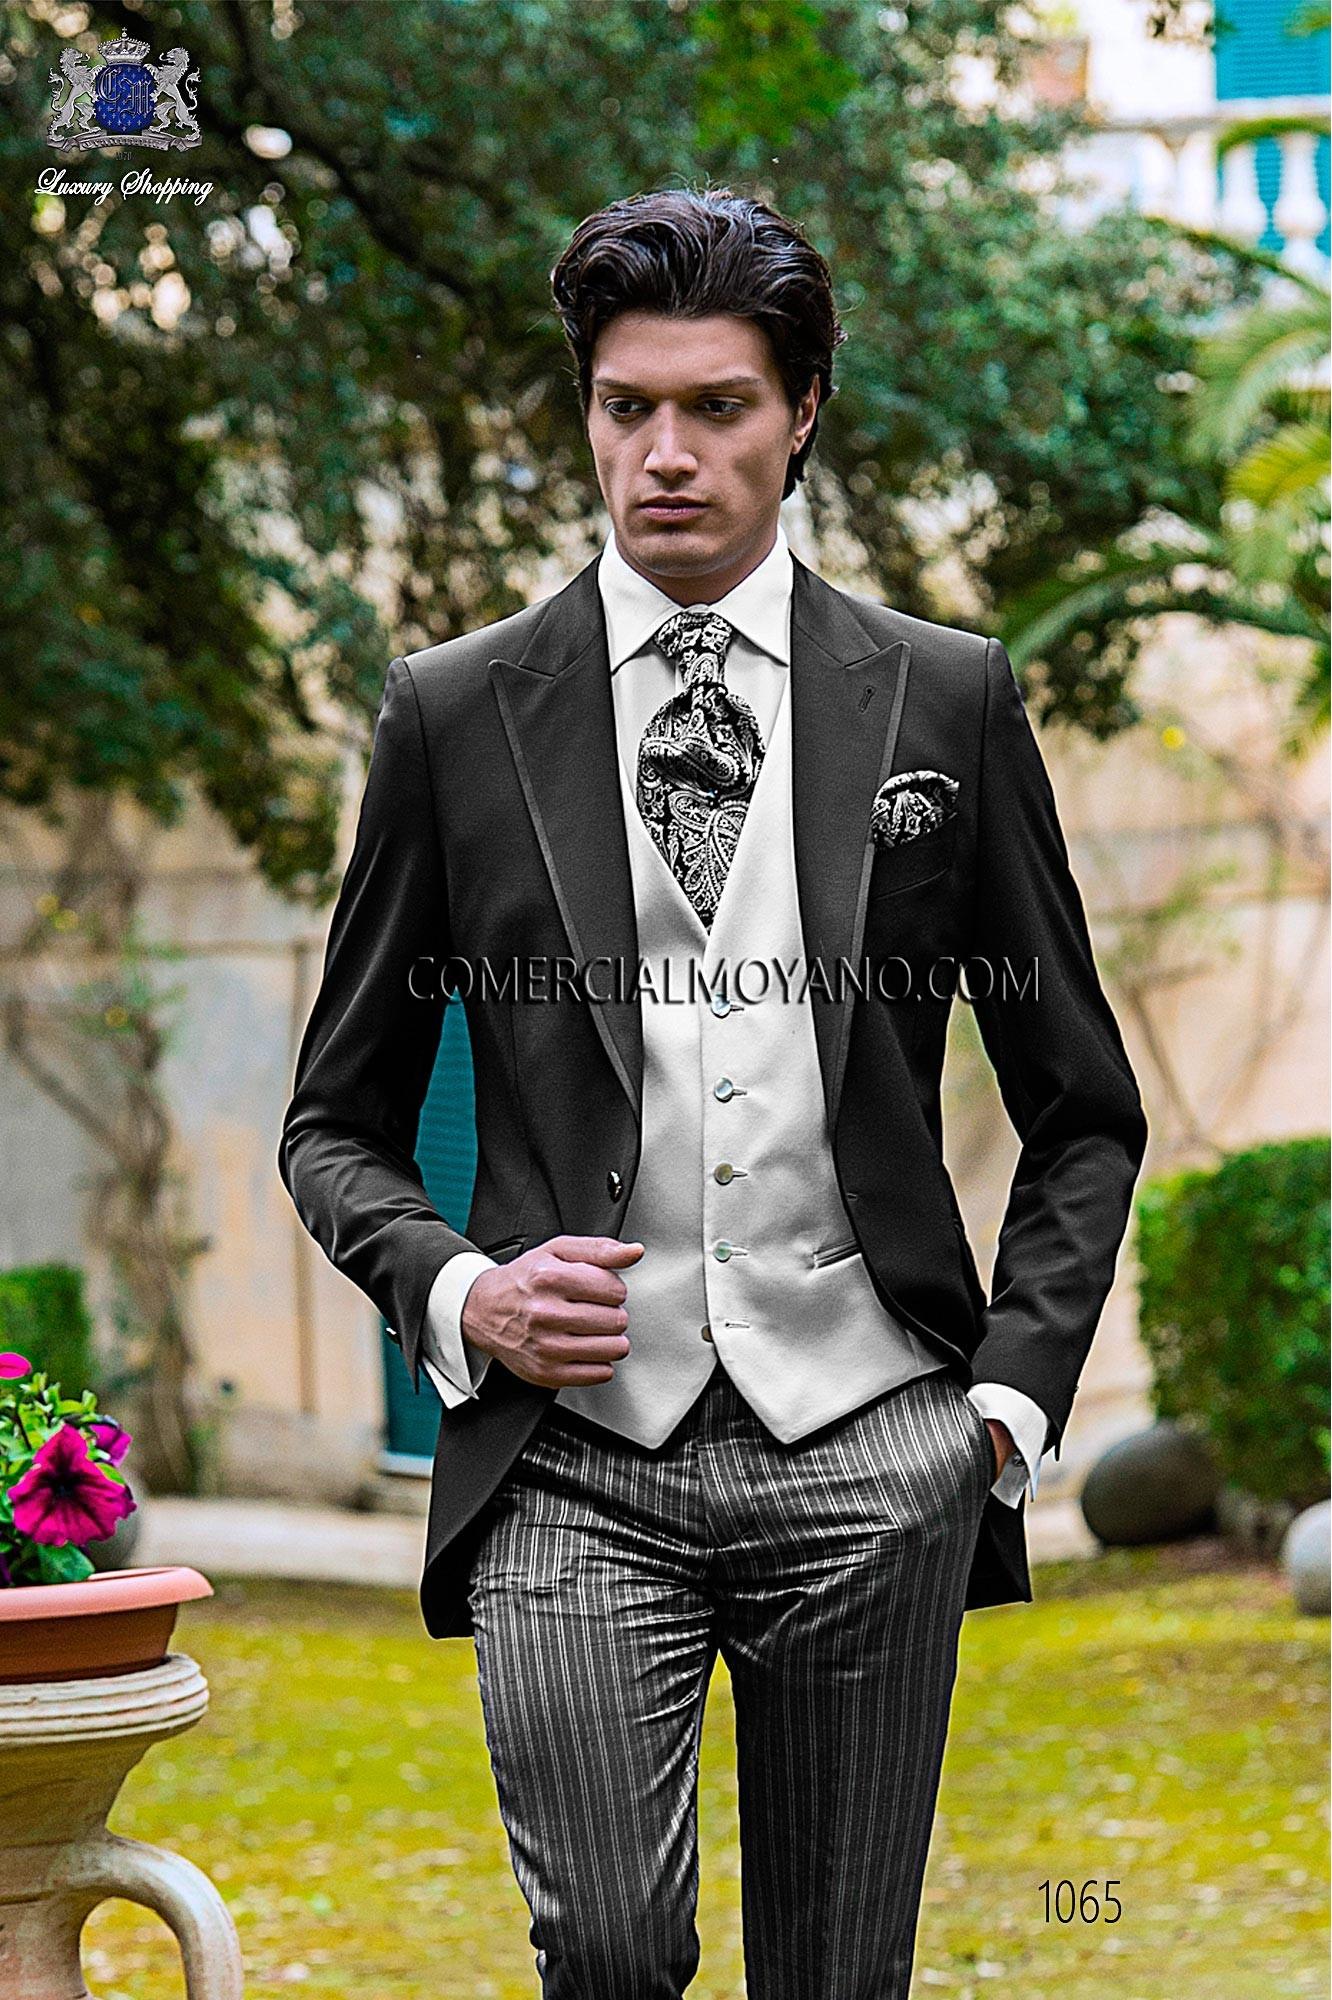 Traje Fashion de novio negro modelo: 1065 Ottavio Nuccio Gala colección Fashion